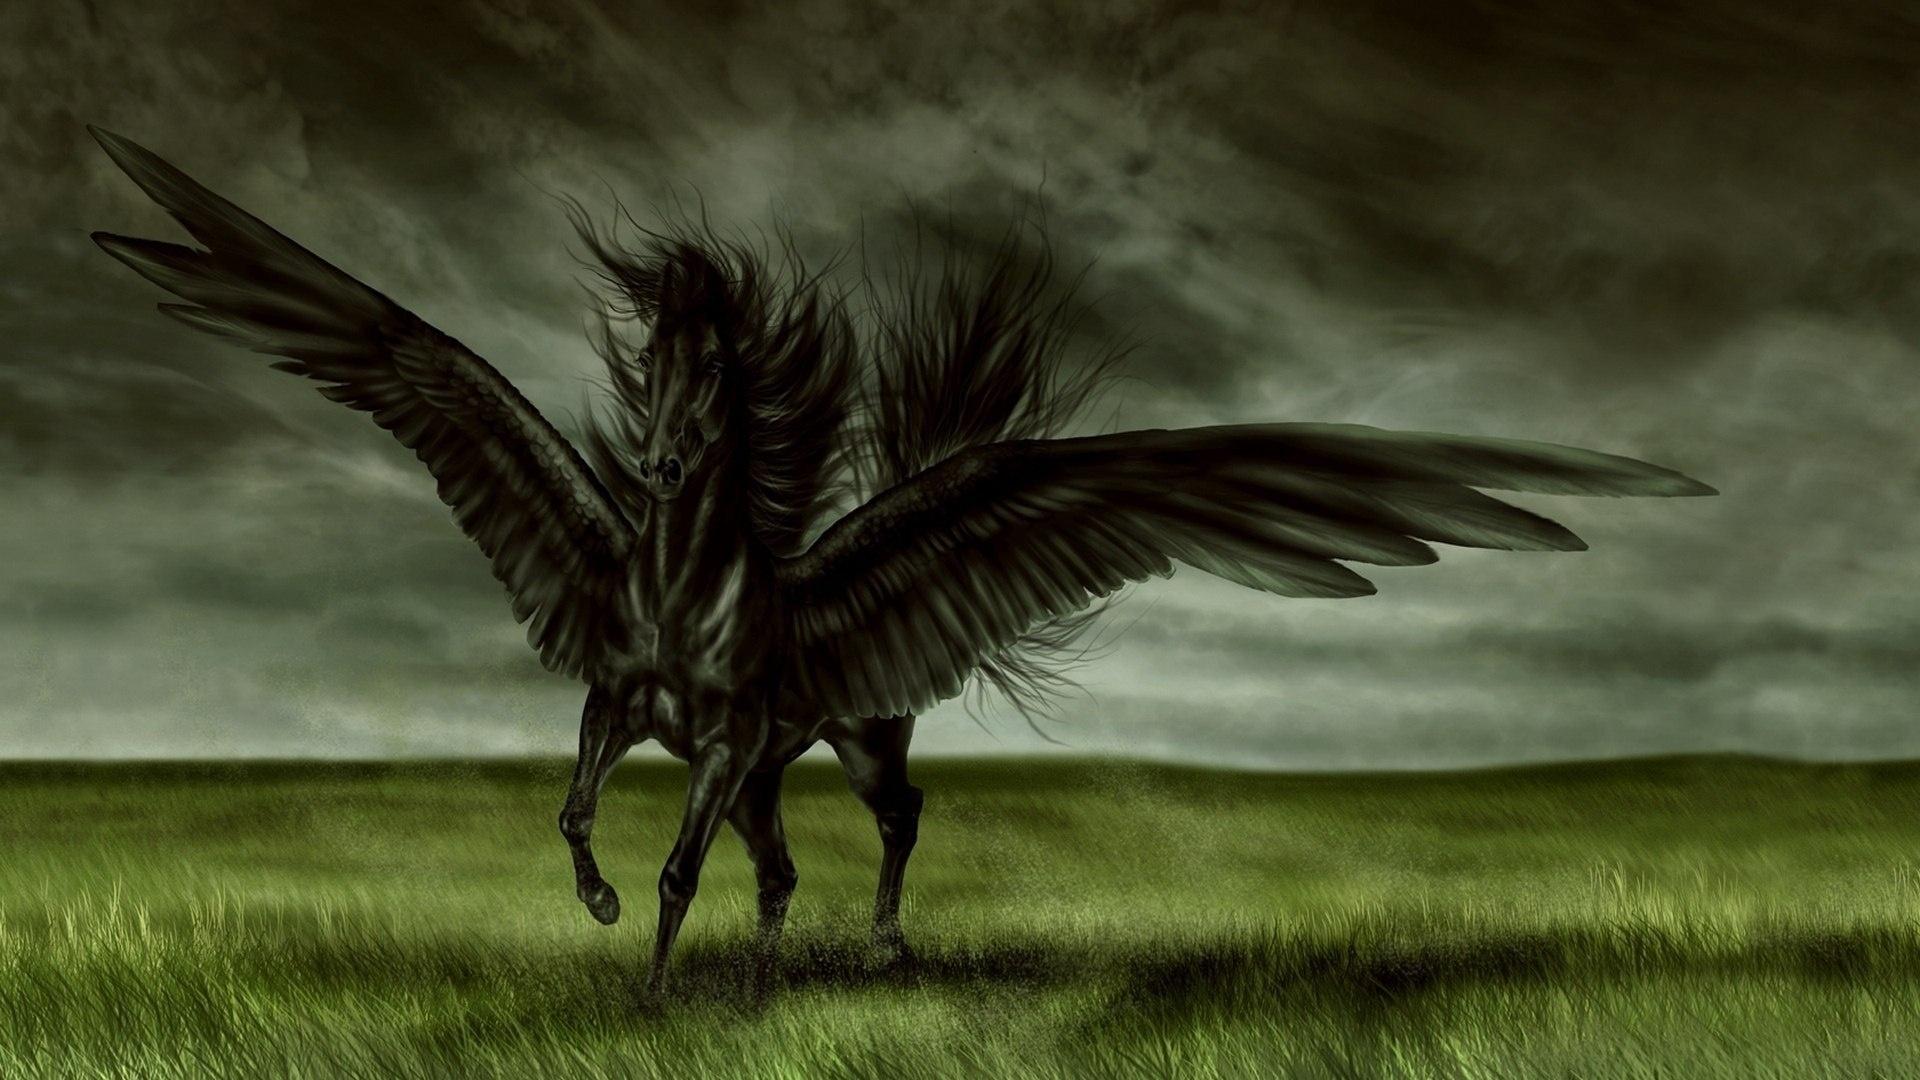 Pegasus Art Picture